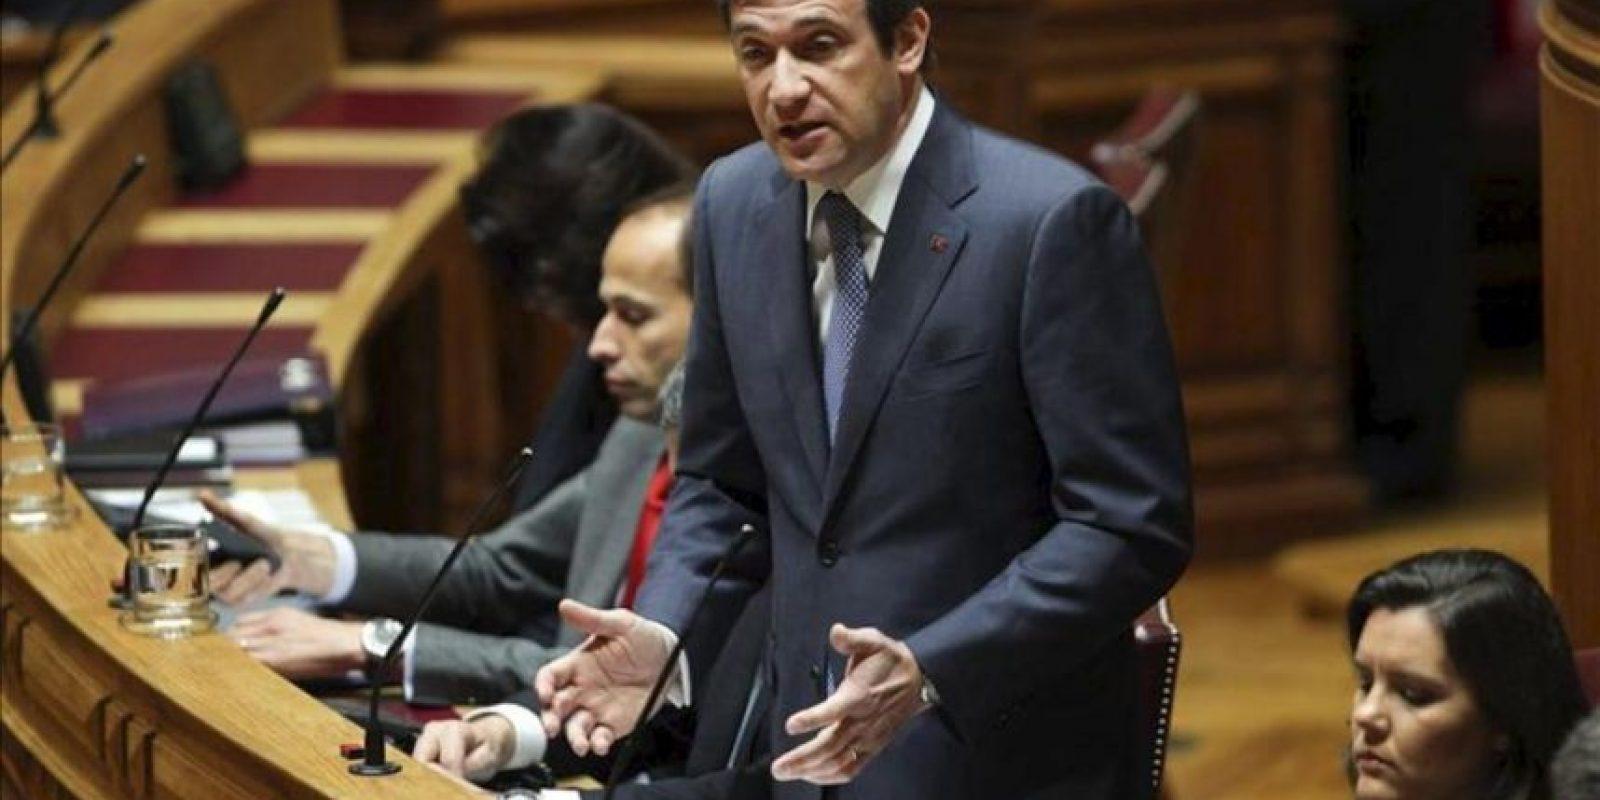 El primer ministro luso, Pedro Passos Coelho, pronuncia su discurso antes de la votación del tratado de estabilidad presupuestaria de la UE en el Parlamento luso, en Lisboa (Portugal). EFE